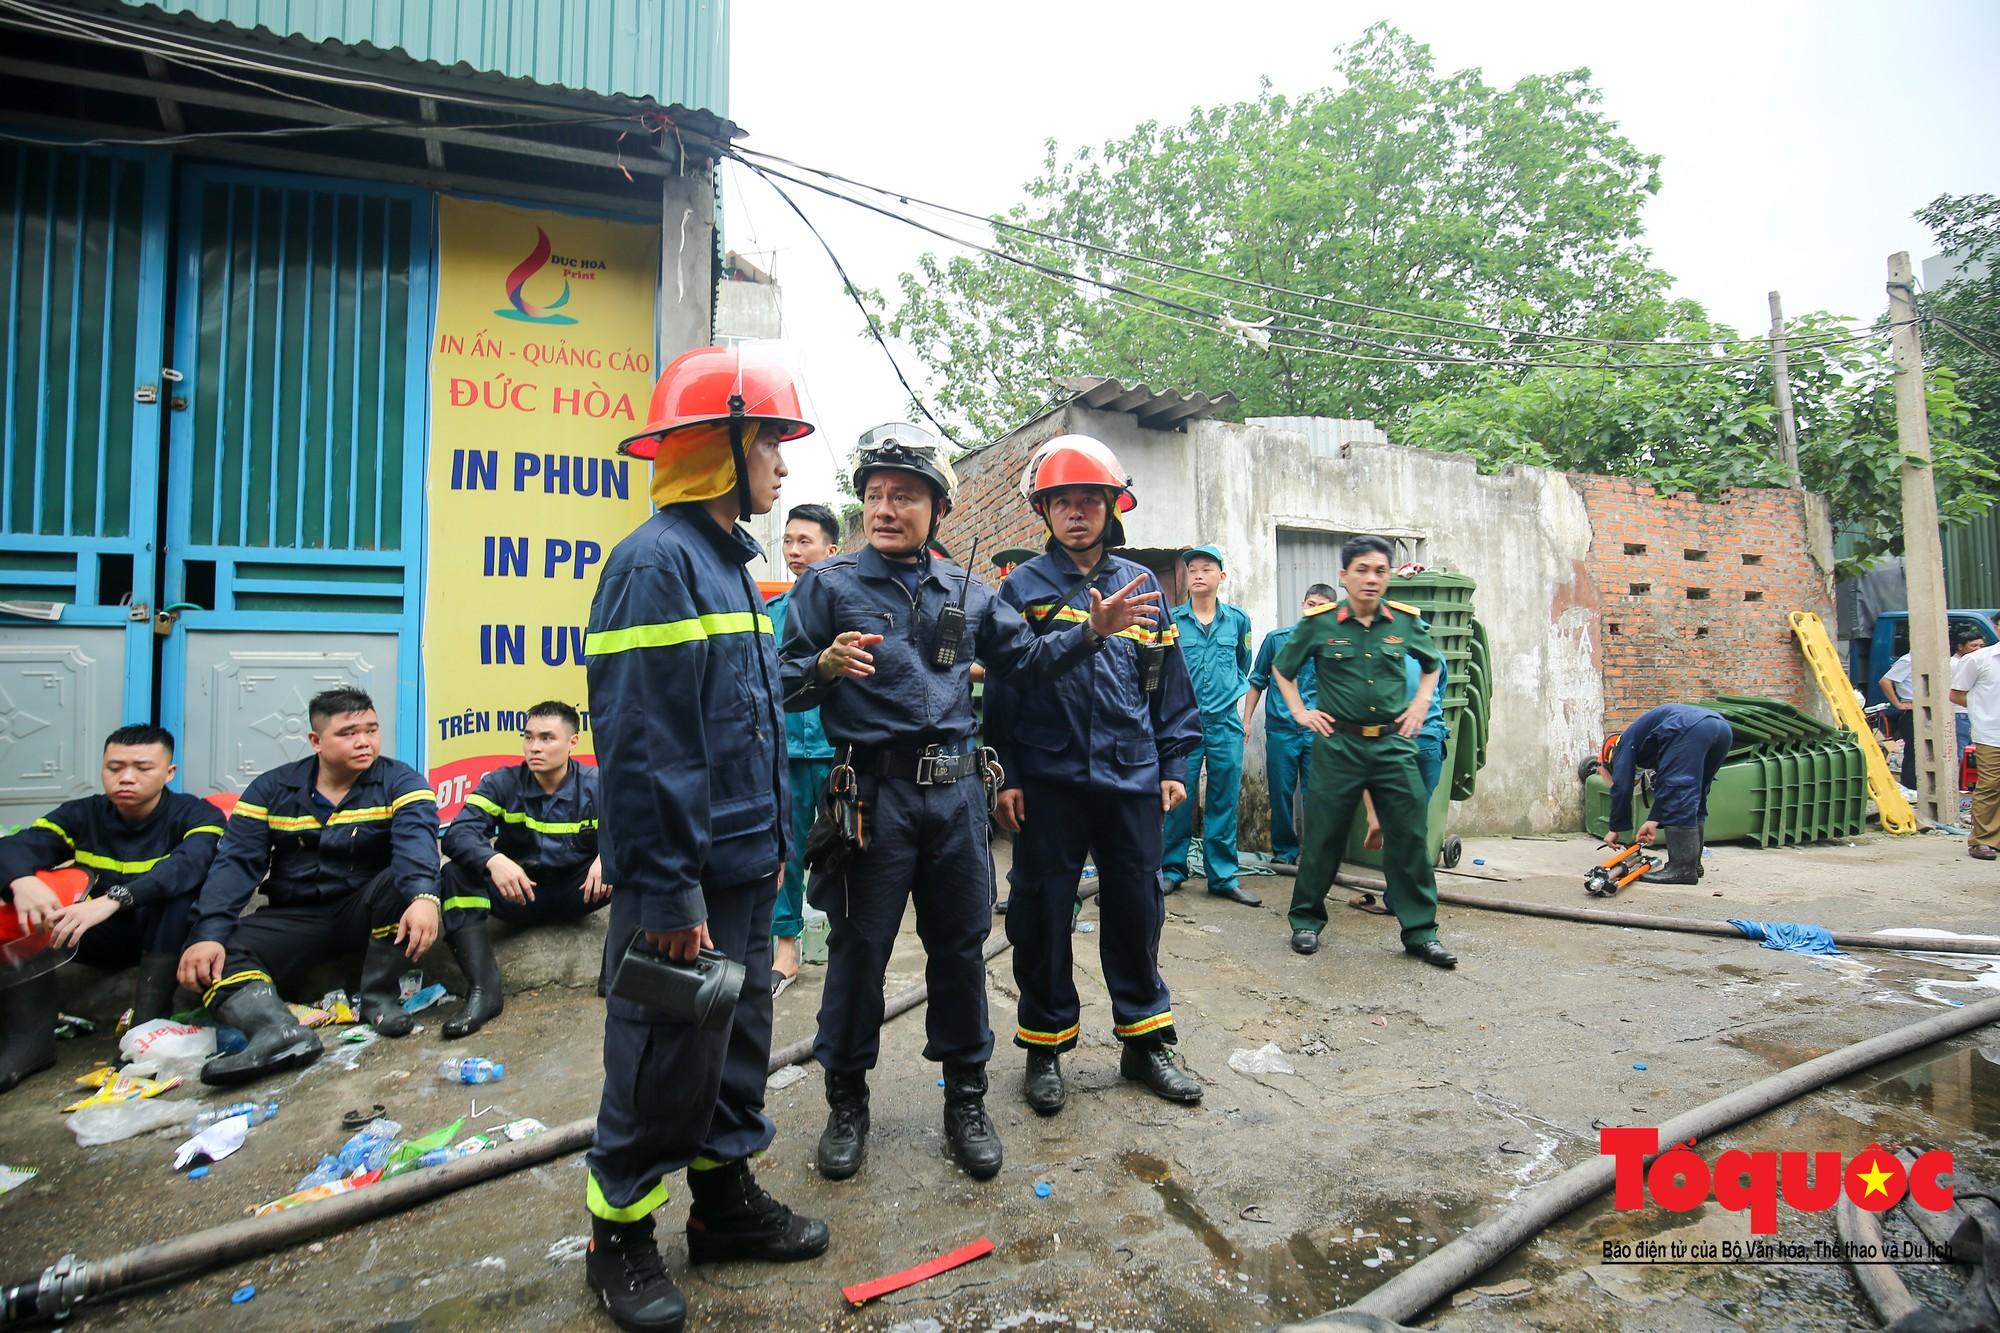 Cận cảnh hiện trường vụ Cháy thảm khốc ở Trung Văn, 8 người chết và mất tích - Ảnh 10.